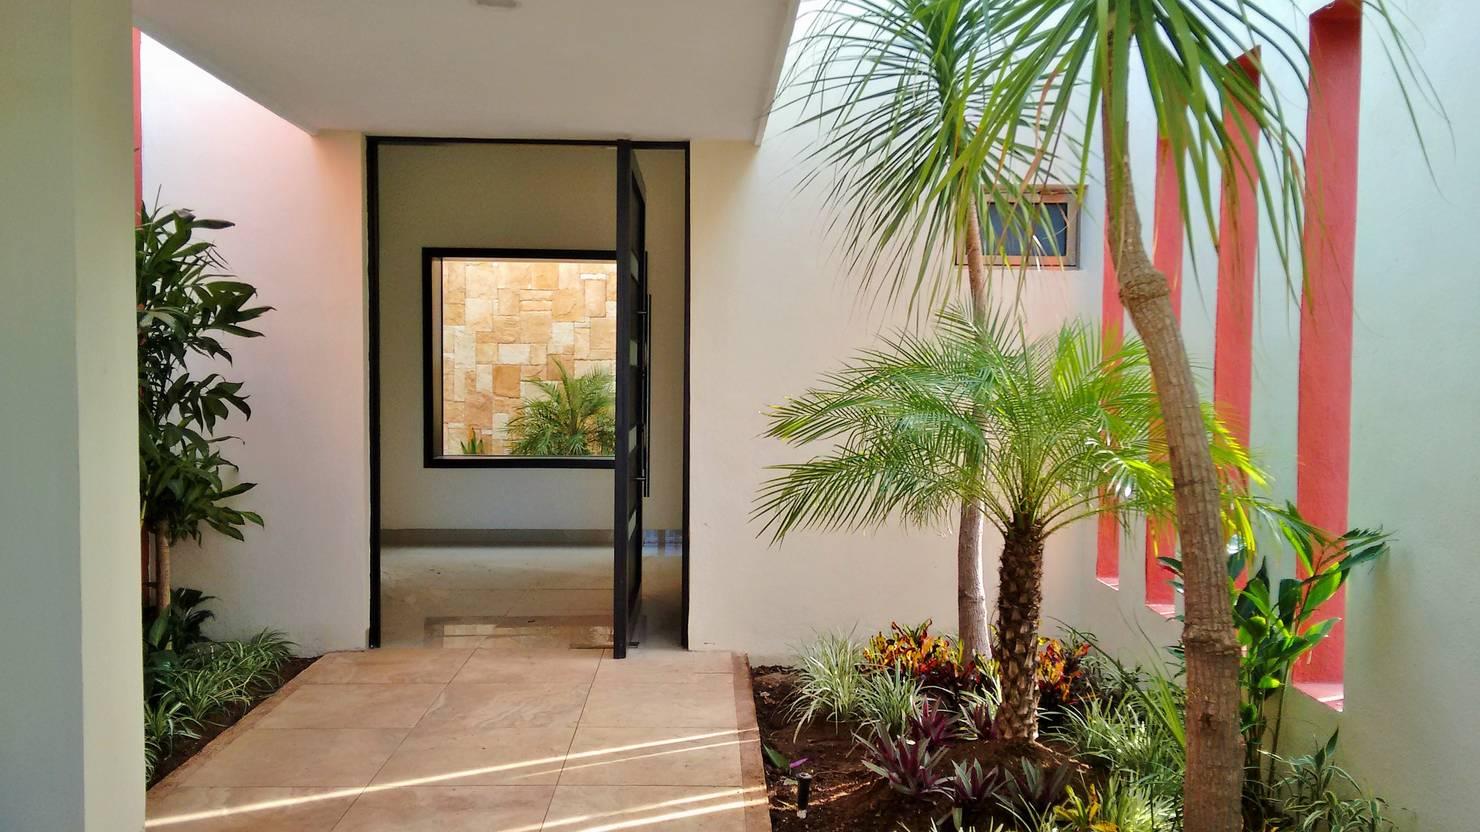 17 jardins para enfeitar a entrada de sua casa com muito estilo